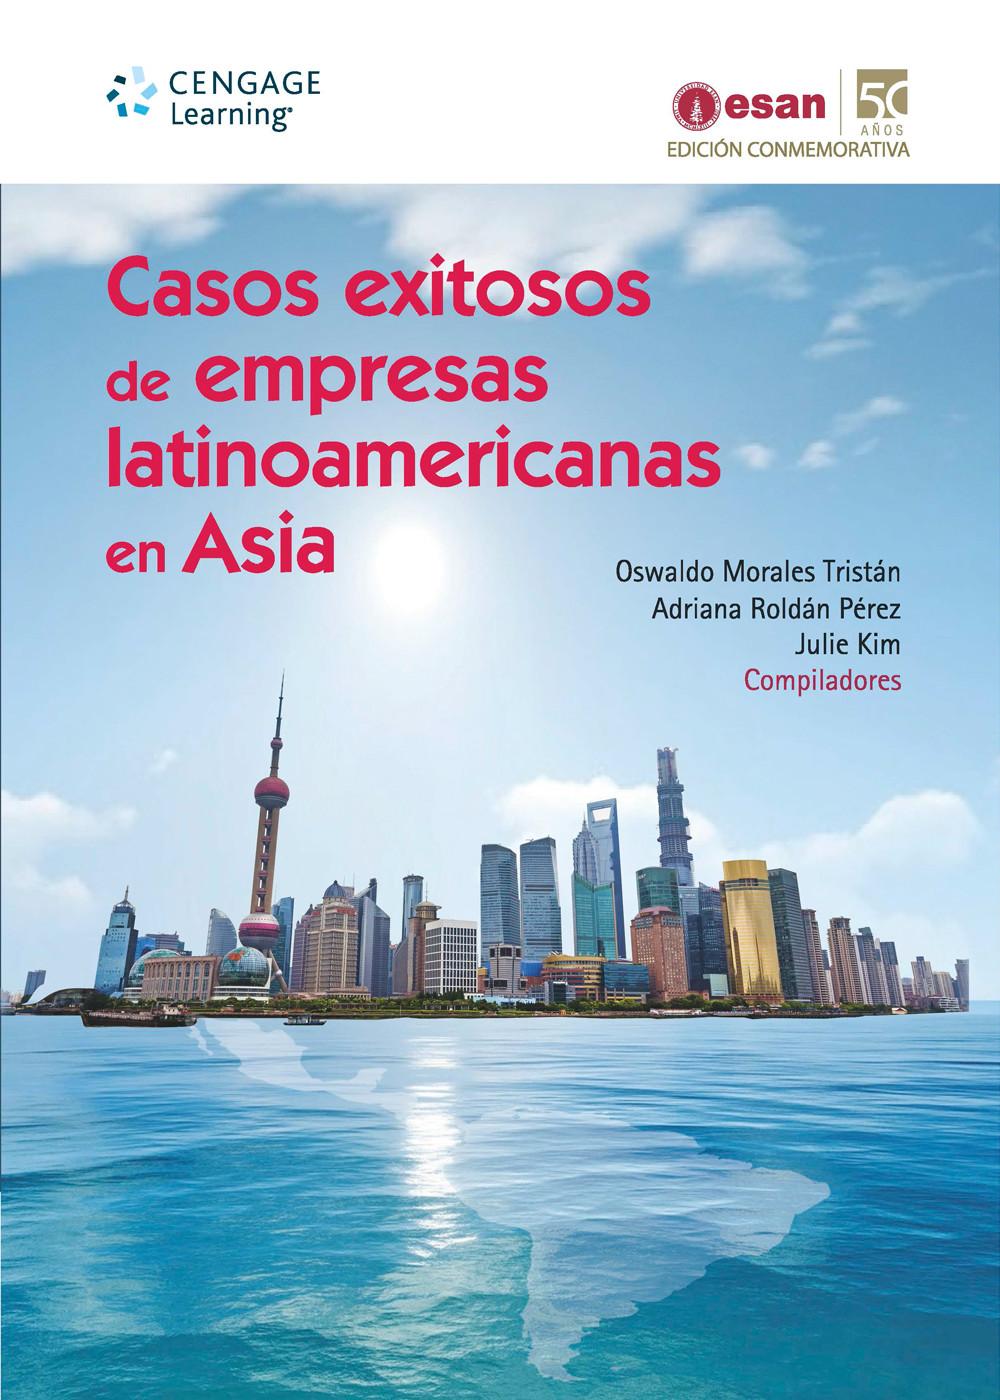 Casos exitosos de empresas latinoamericanas en Asia